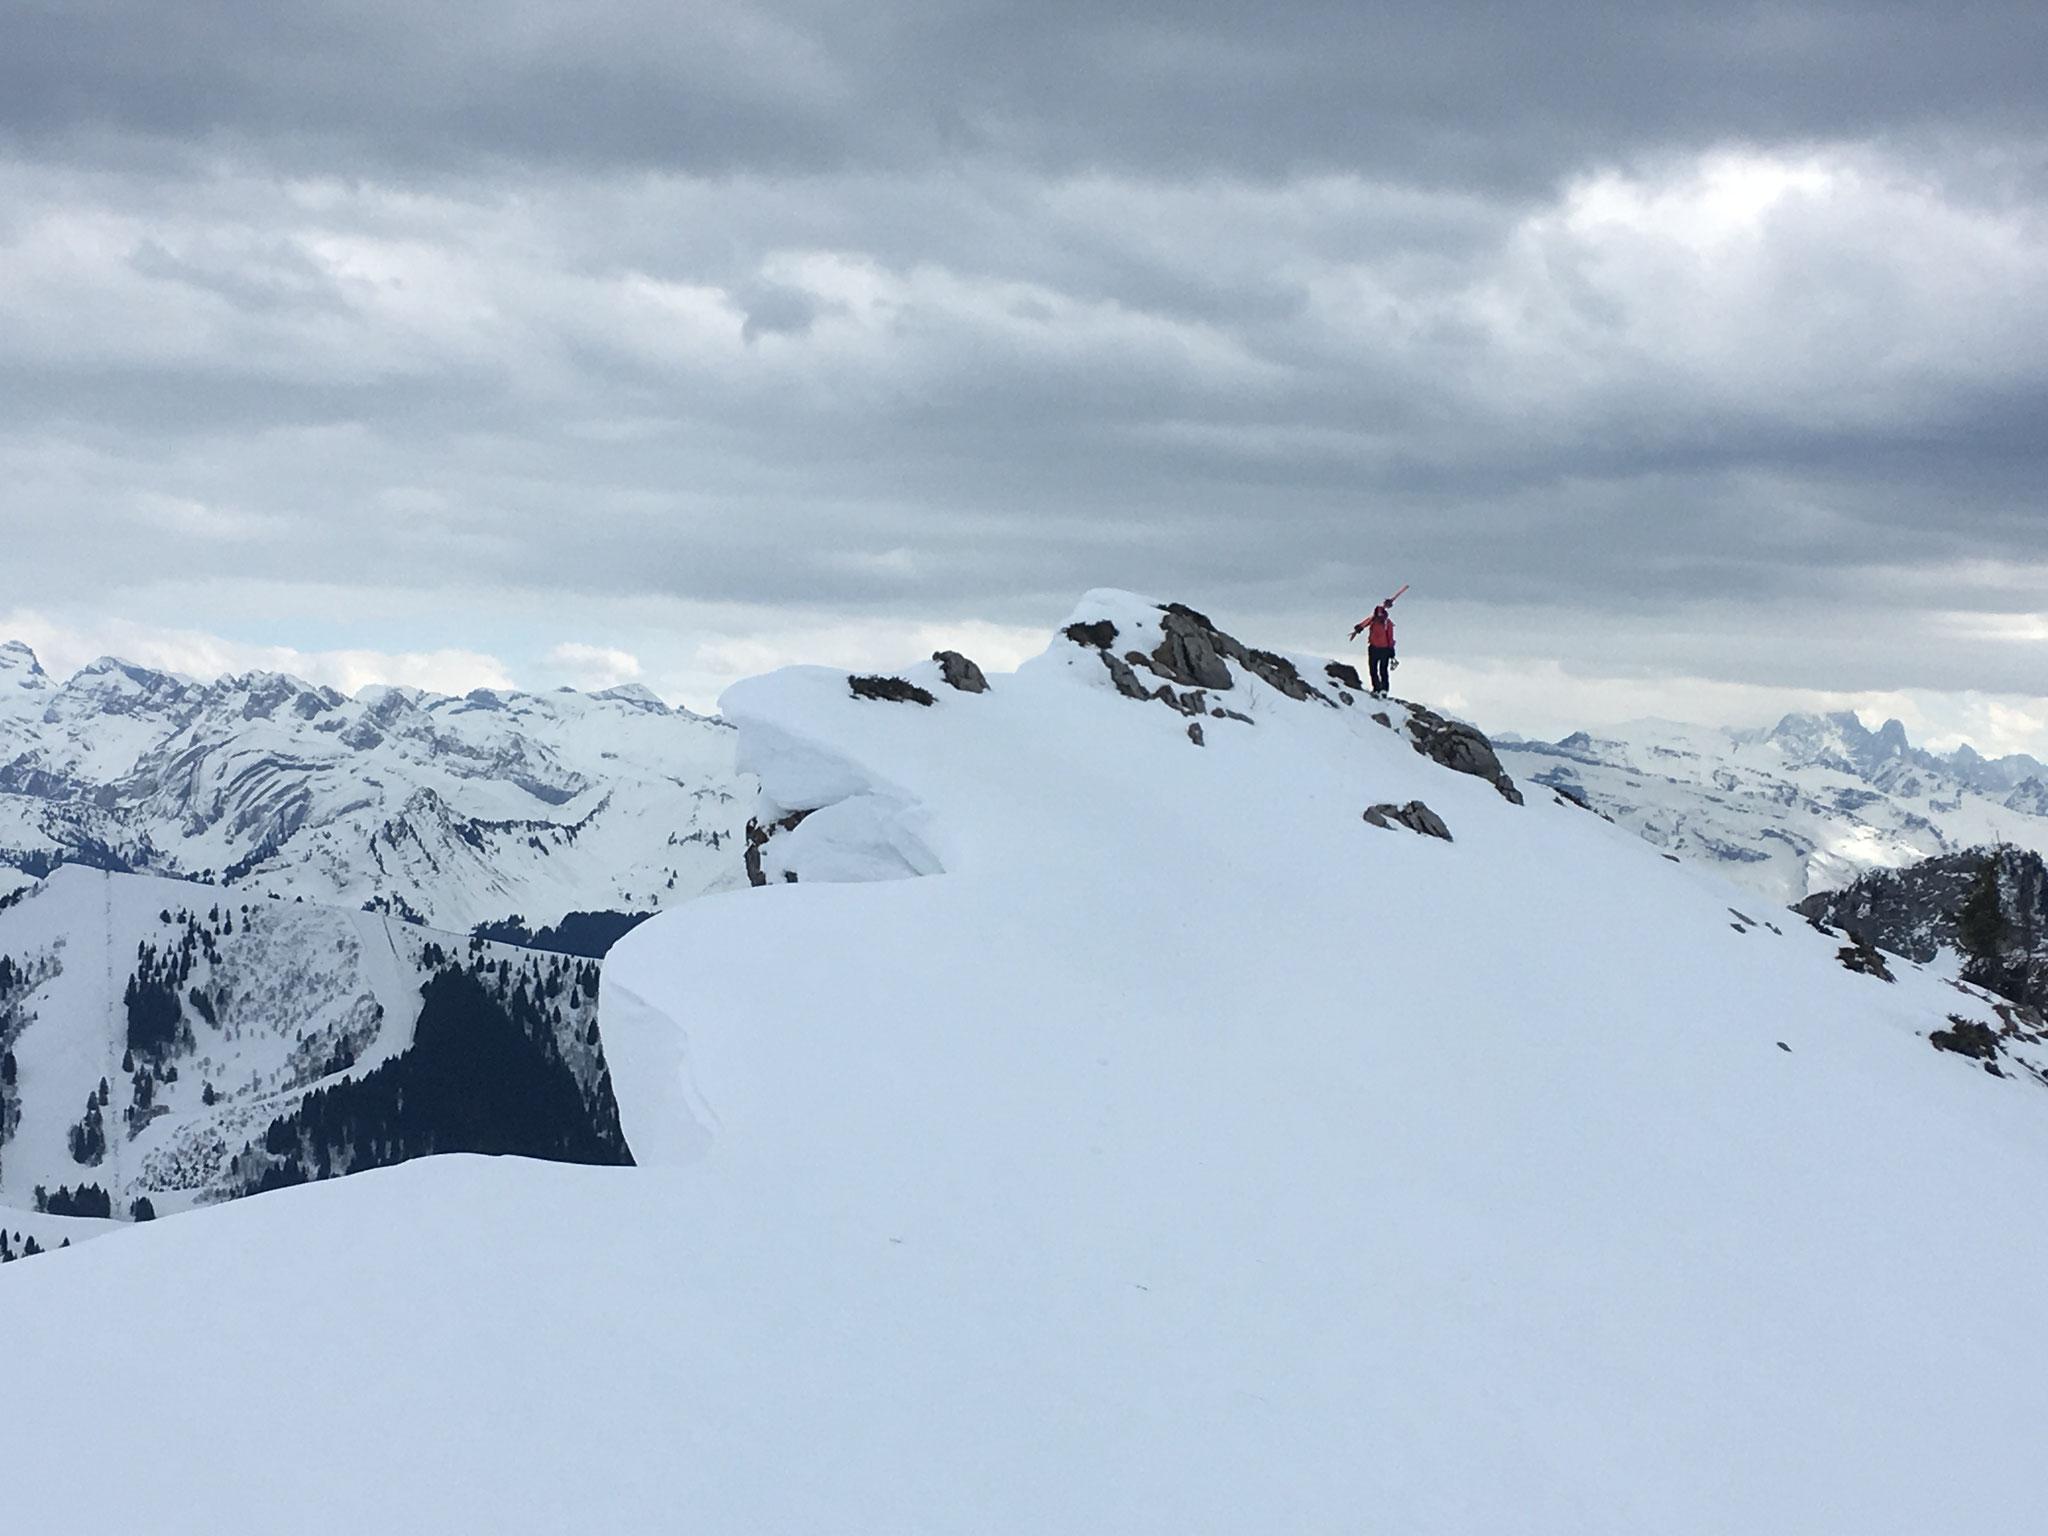 Notre petit sommet du jour près du Col. Magnifique !